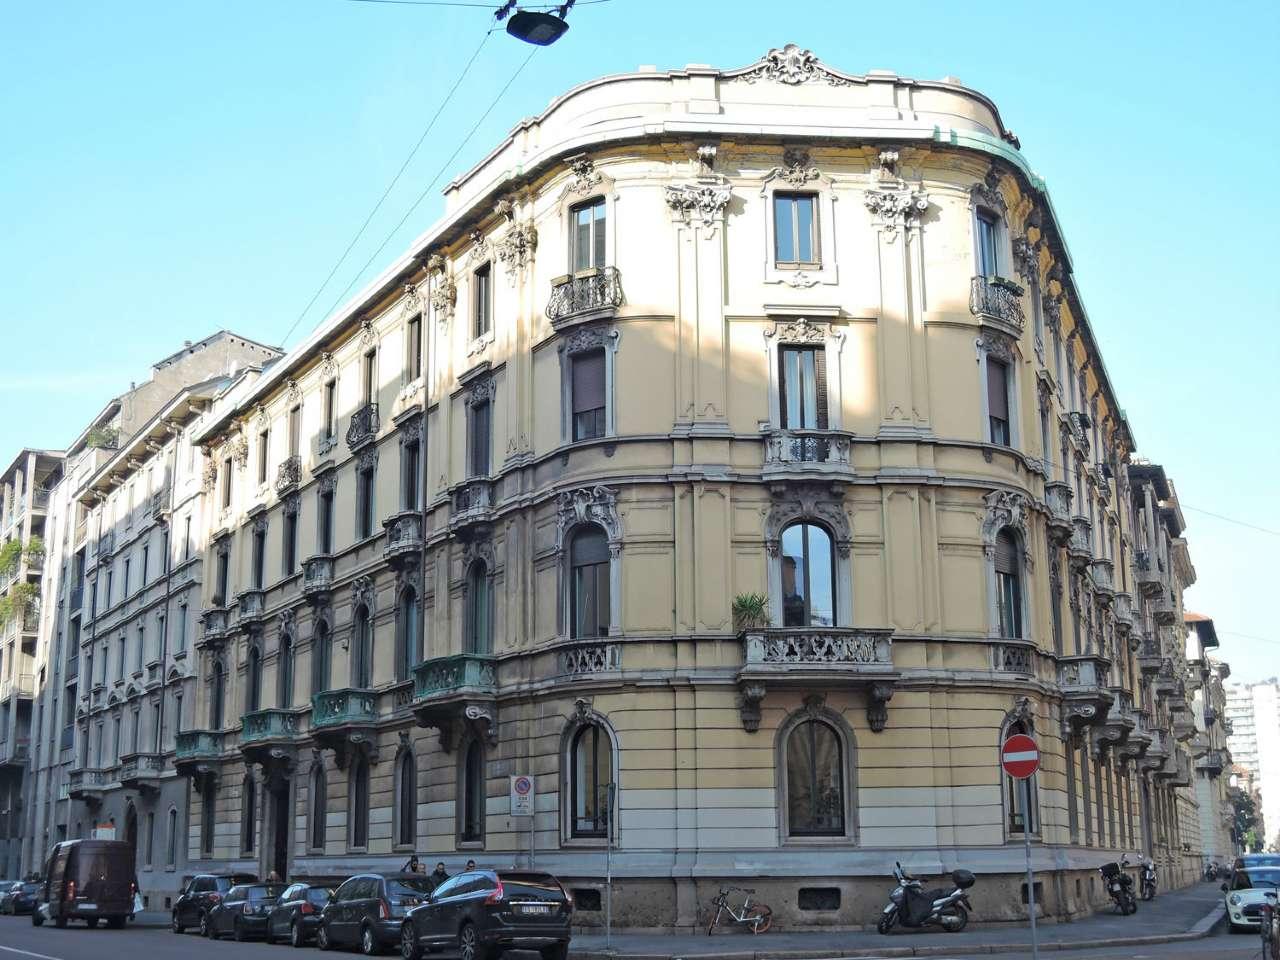 Appartamento in vendita a Milano, 5 locali, zona Zona: 1 . Centro Storico, Duomo, Brera, Cadorna, Cattolica, prezzo € 1.650.000 | CambioCasa.it